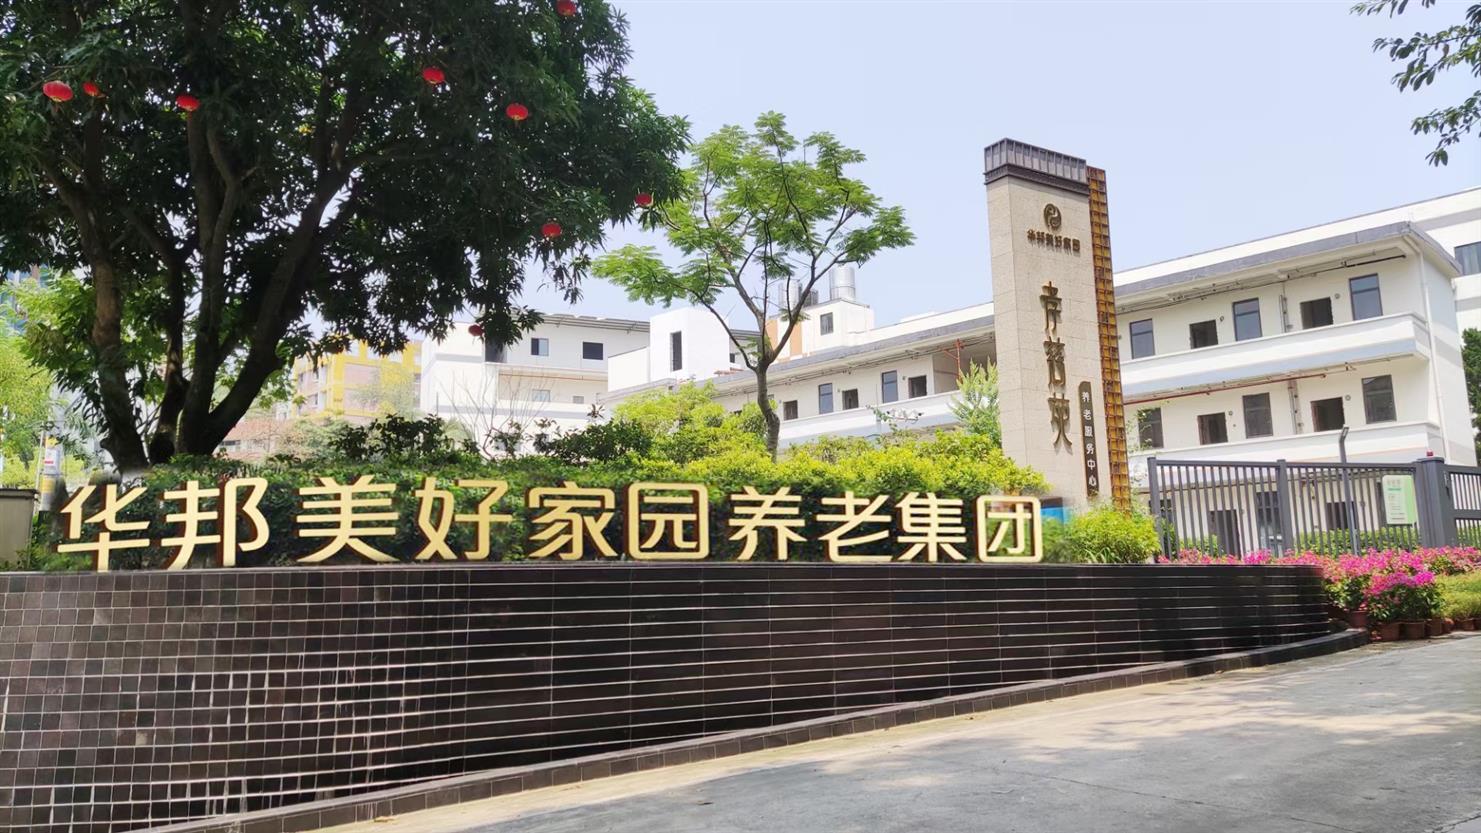 广州天河区自理老人院收费价格表 粤华孝慈苑养老院